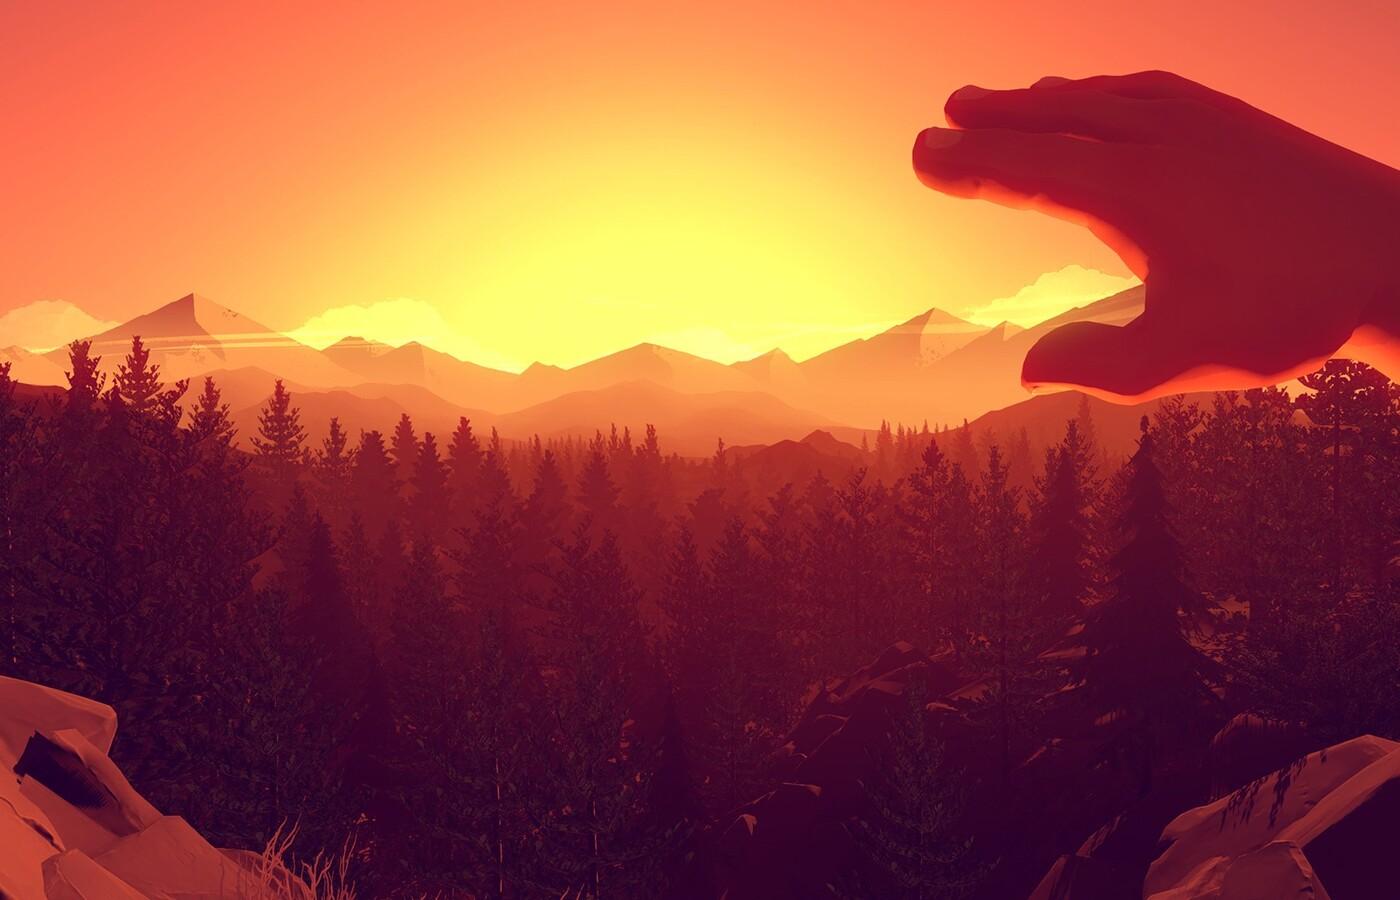 firewatch-video-games-wallpaper.jpg